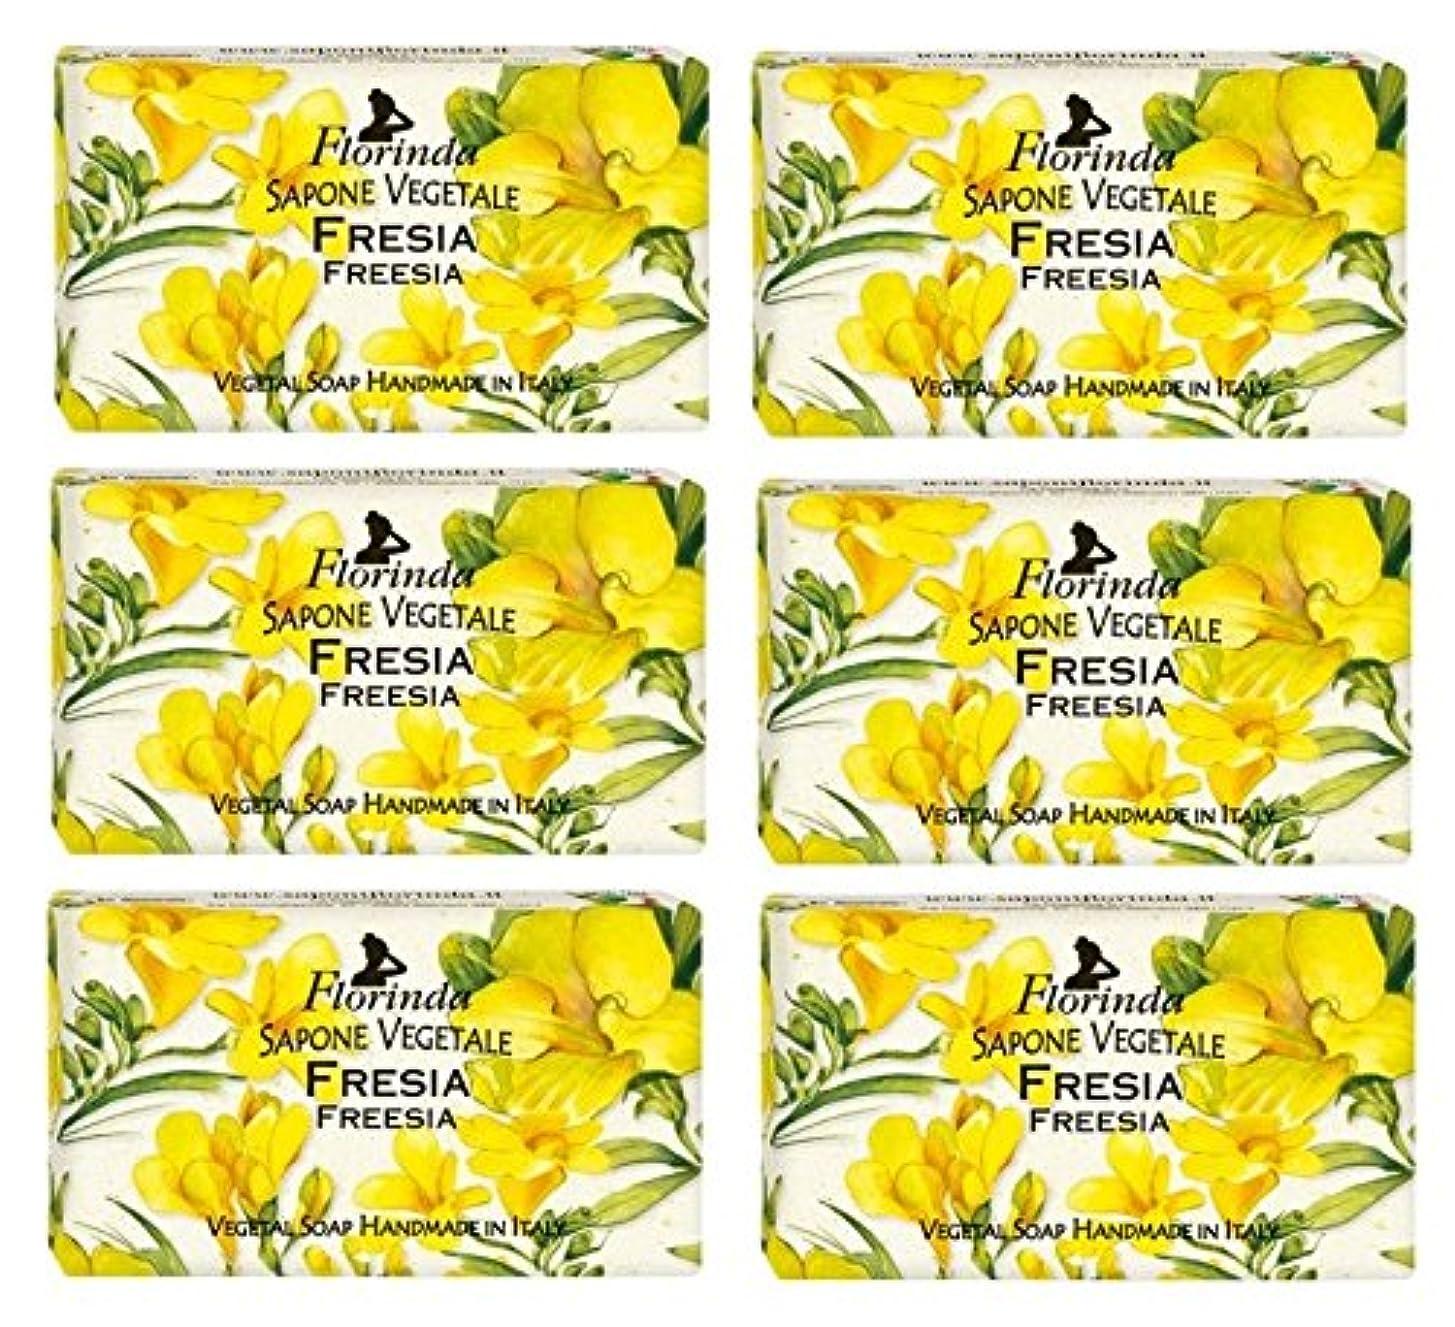 薬剤師メカニック自然公園【6個セット】 フロリンダ フレグランスソープ 95g フリージア